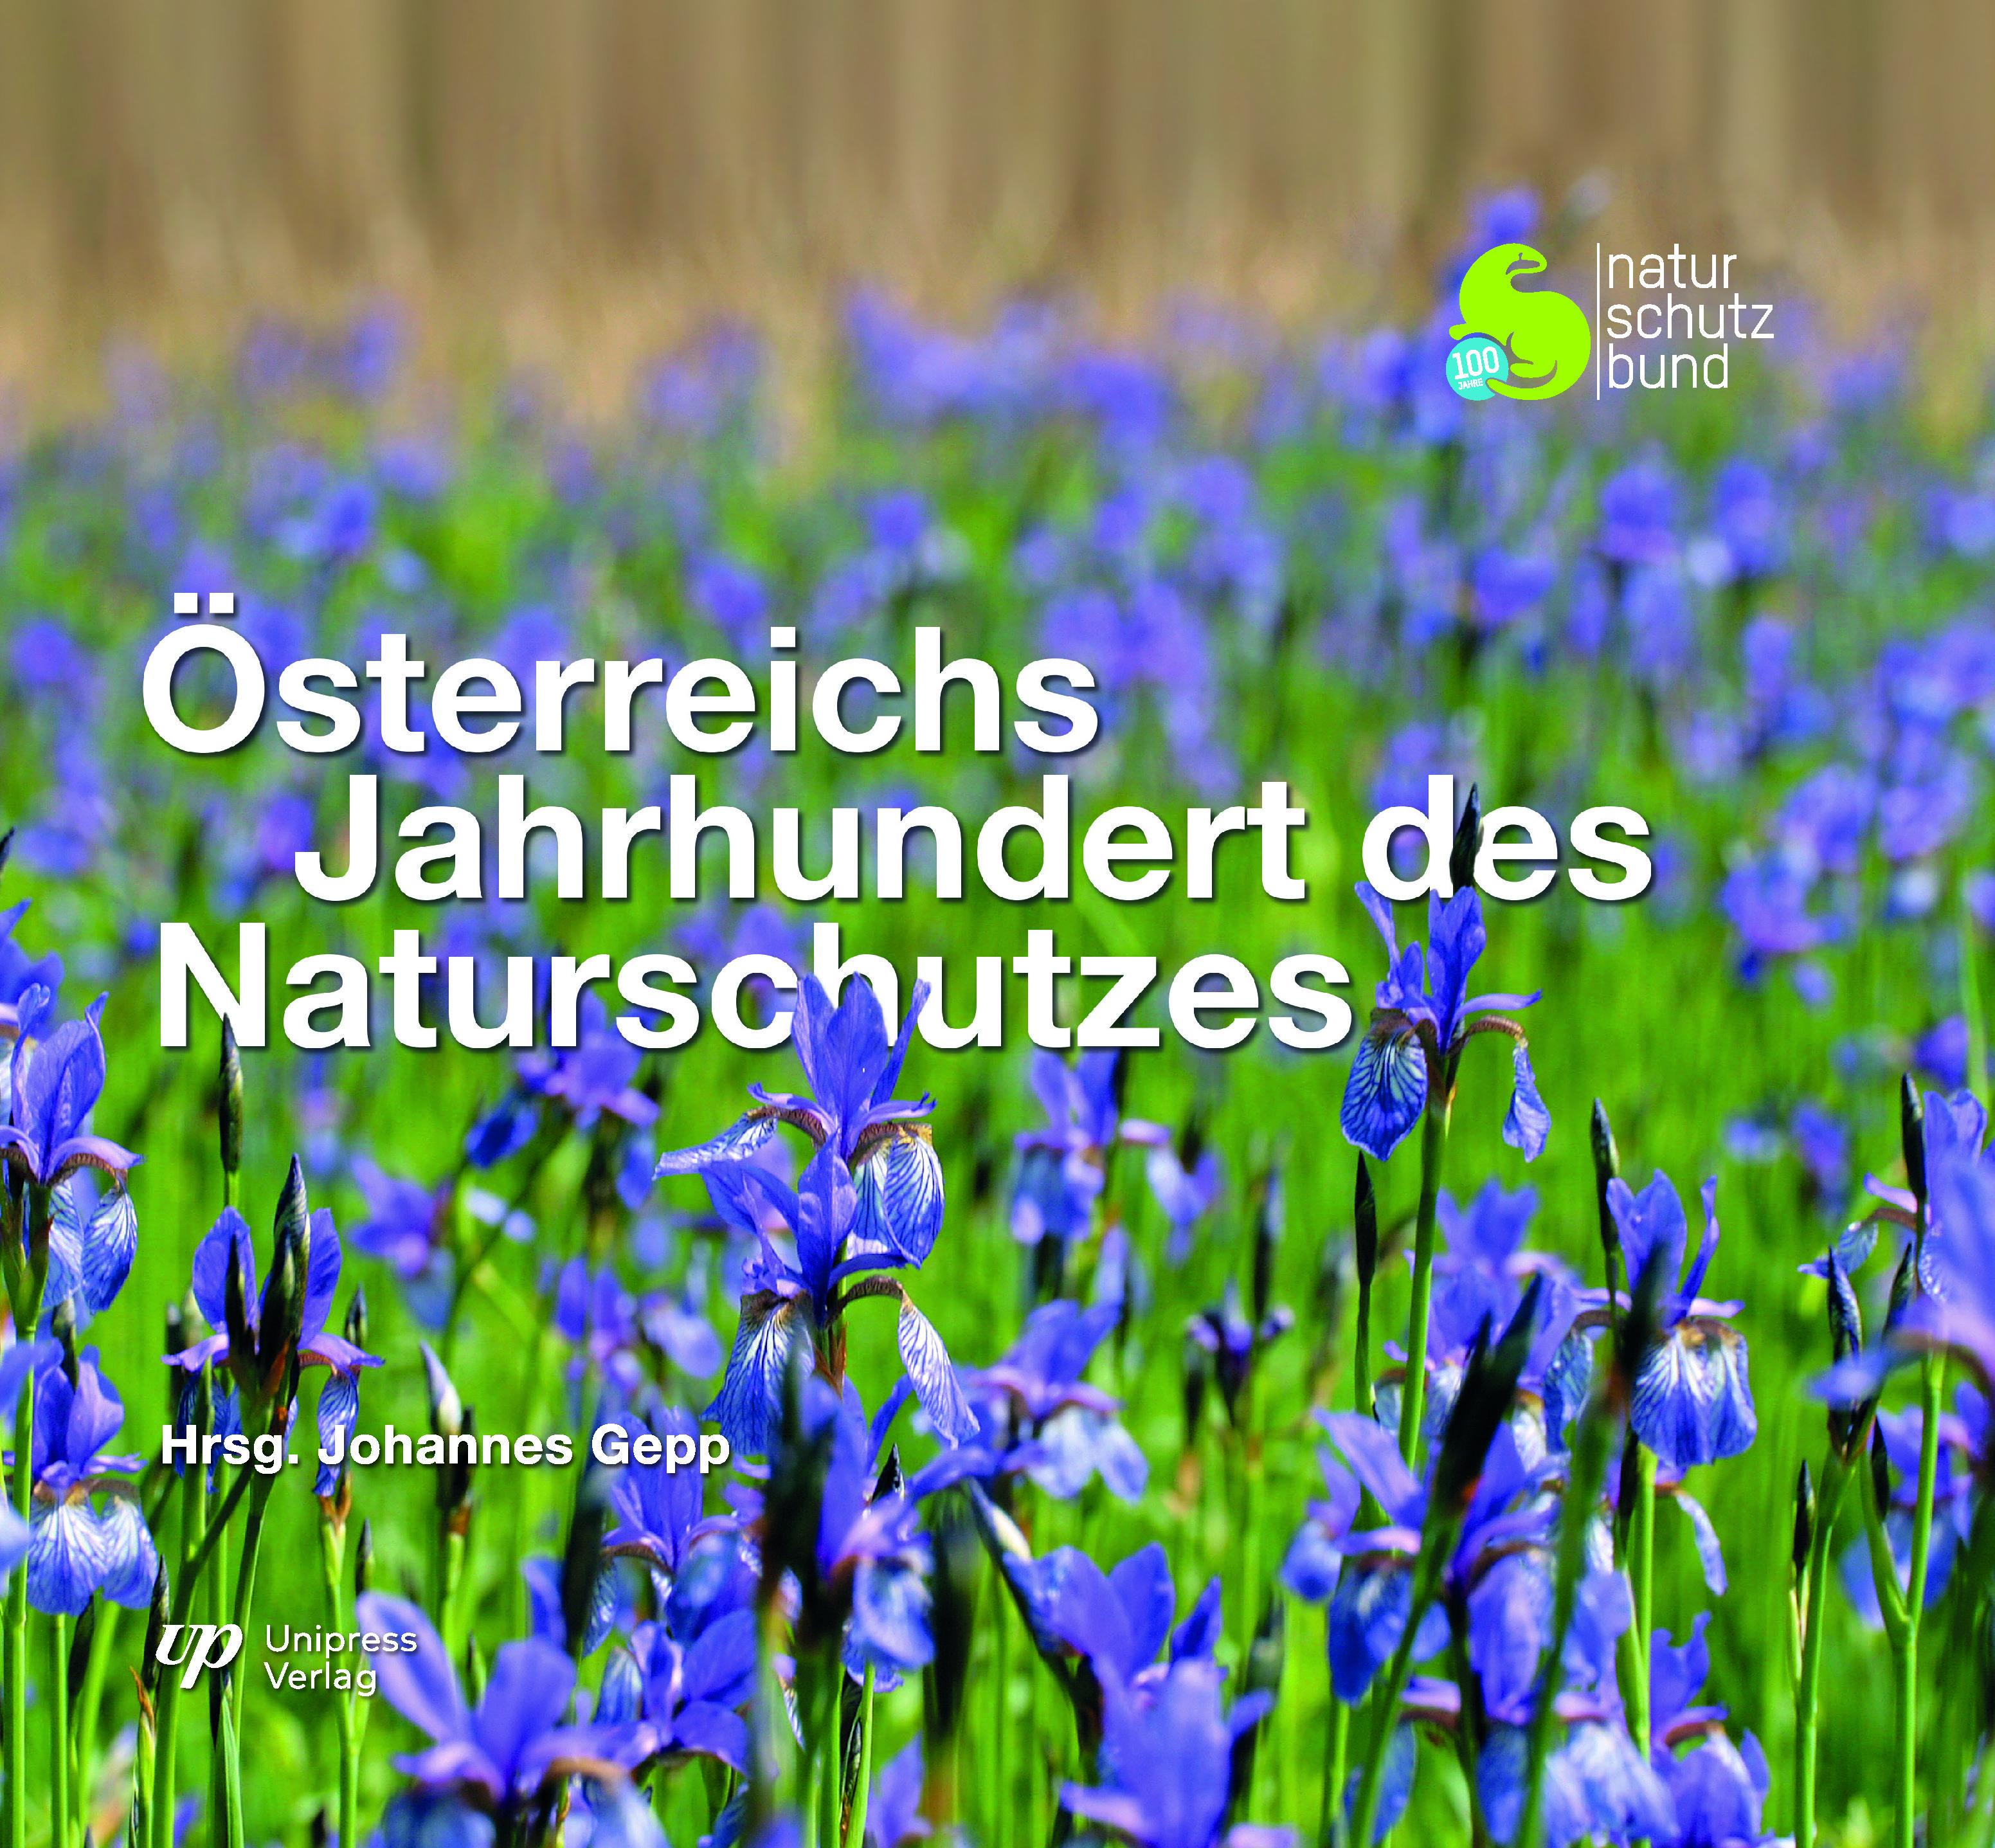 Österreichs Jahrhundert des Naturschutzes